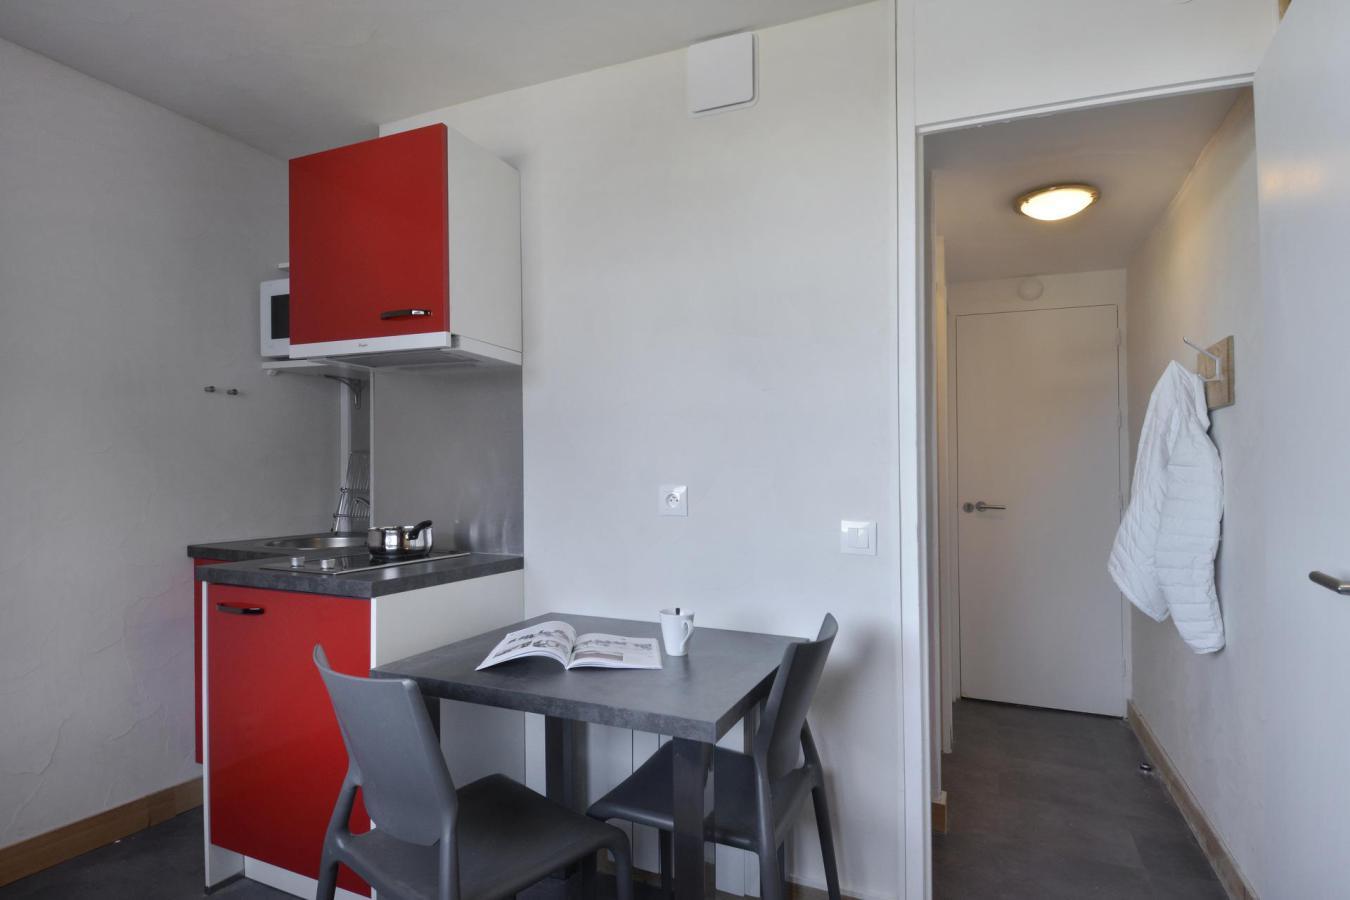 Location au ski Studio 2 personnes (317) - La Residence St Jacques - La Plagne